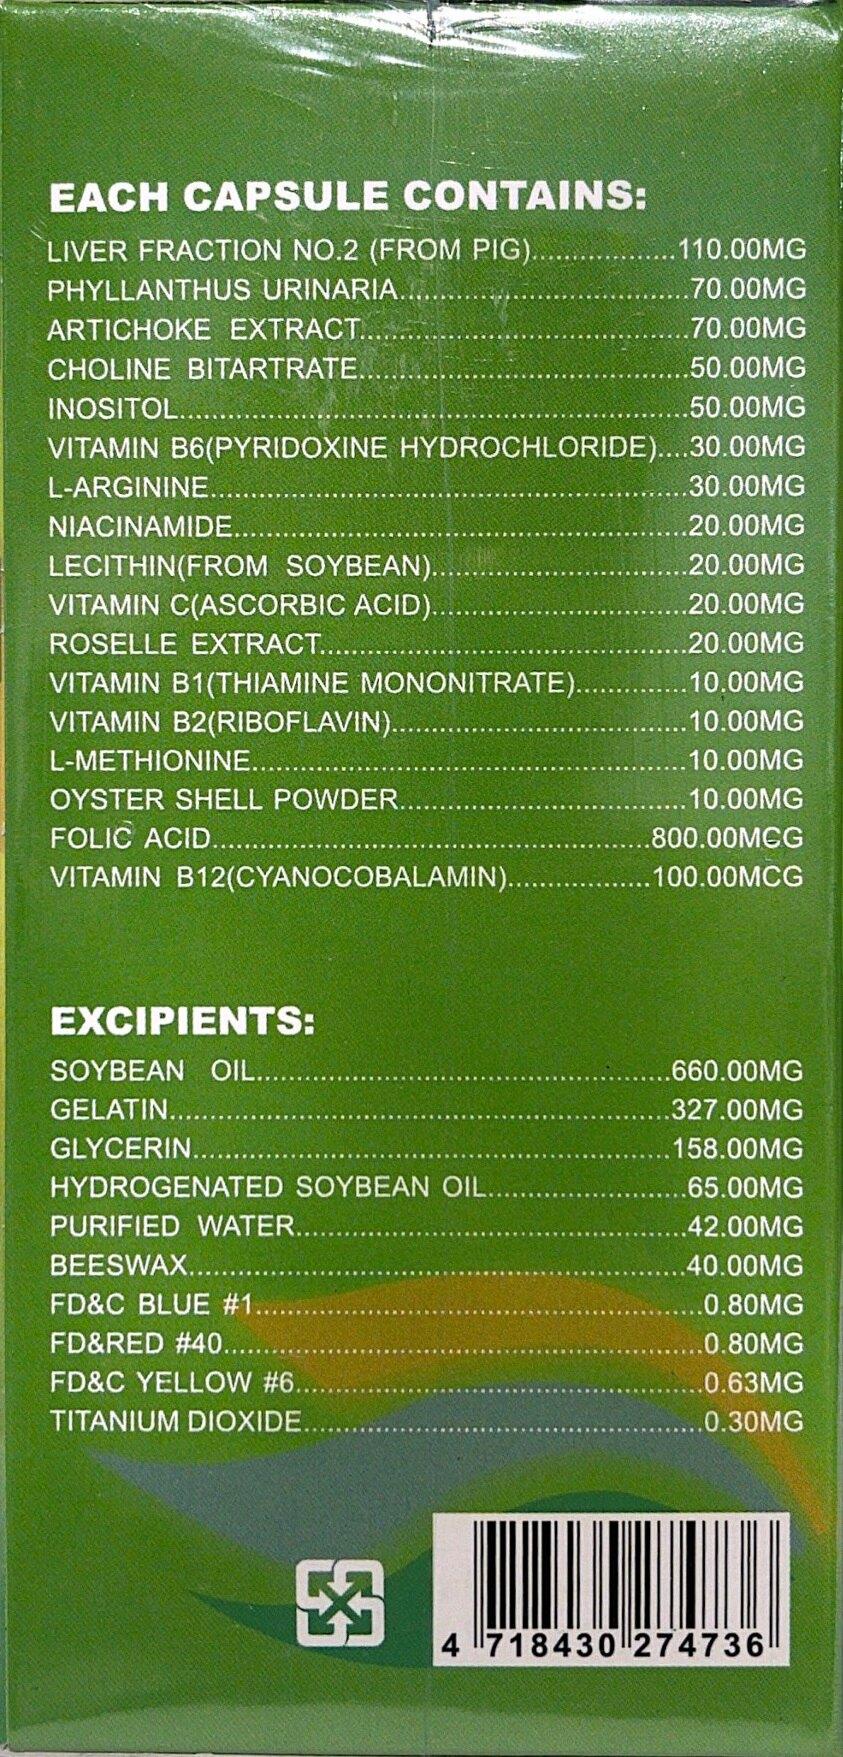 買3送1 (美國原產)美康寶 60粒/罐,朝鮮薊+珍珠草+肝精+洛神花+葉酸+蛋胺酸+精氨酸+B群